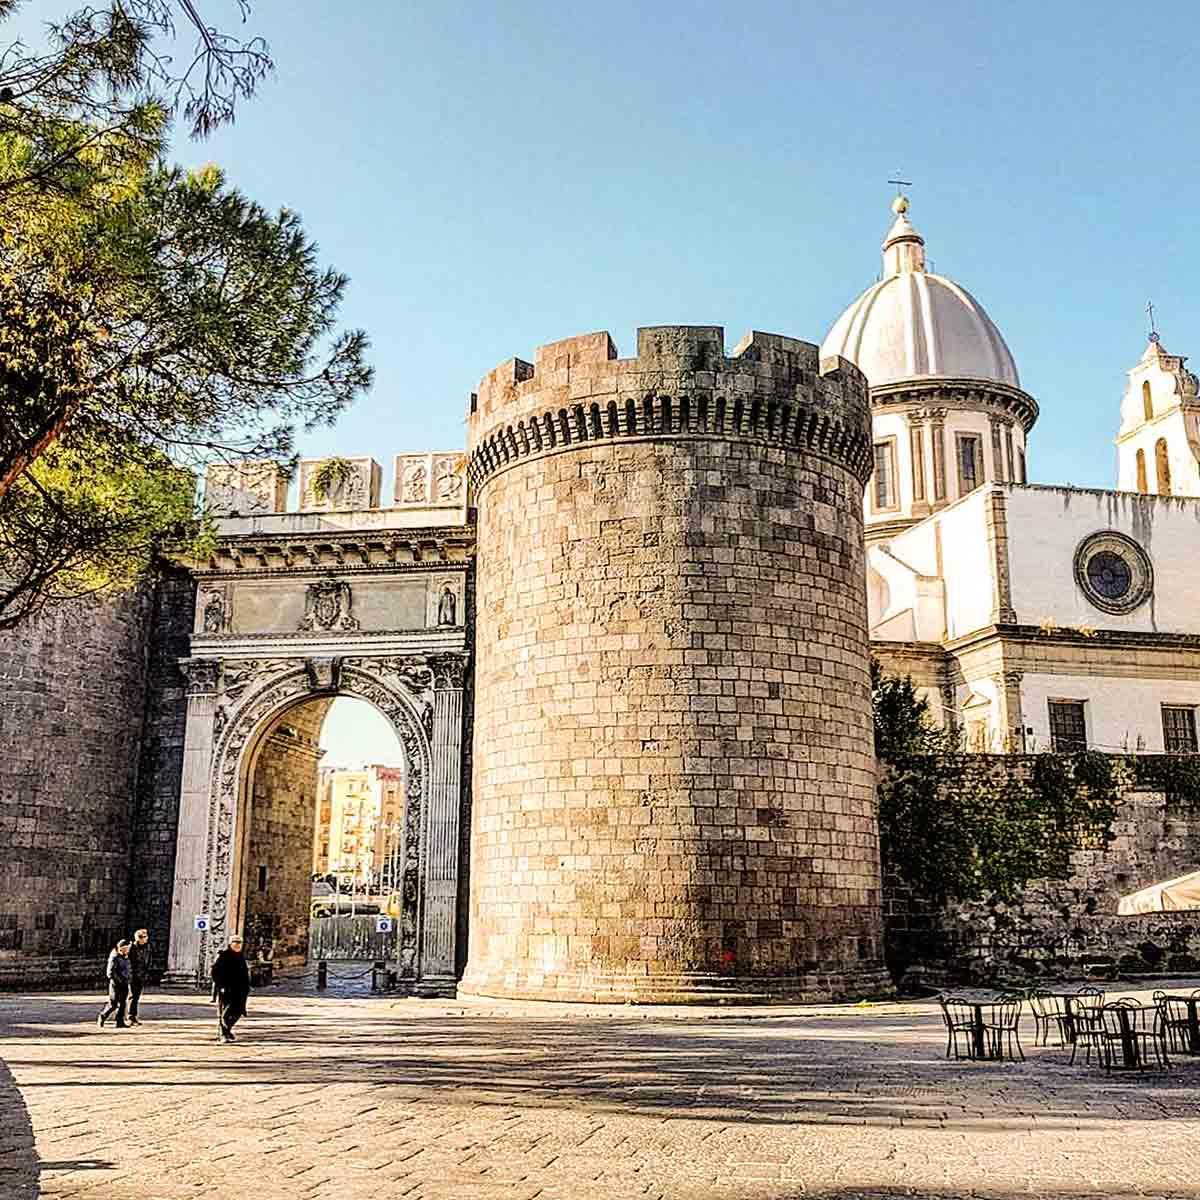 Foto Di Porte Antiche antiche porte di napoli - capuana, nolana, san gennaro, port